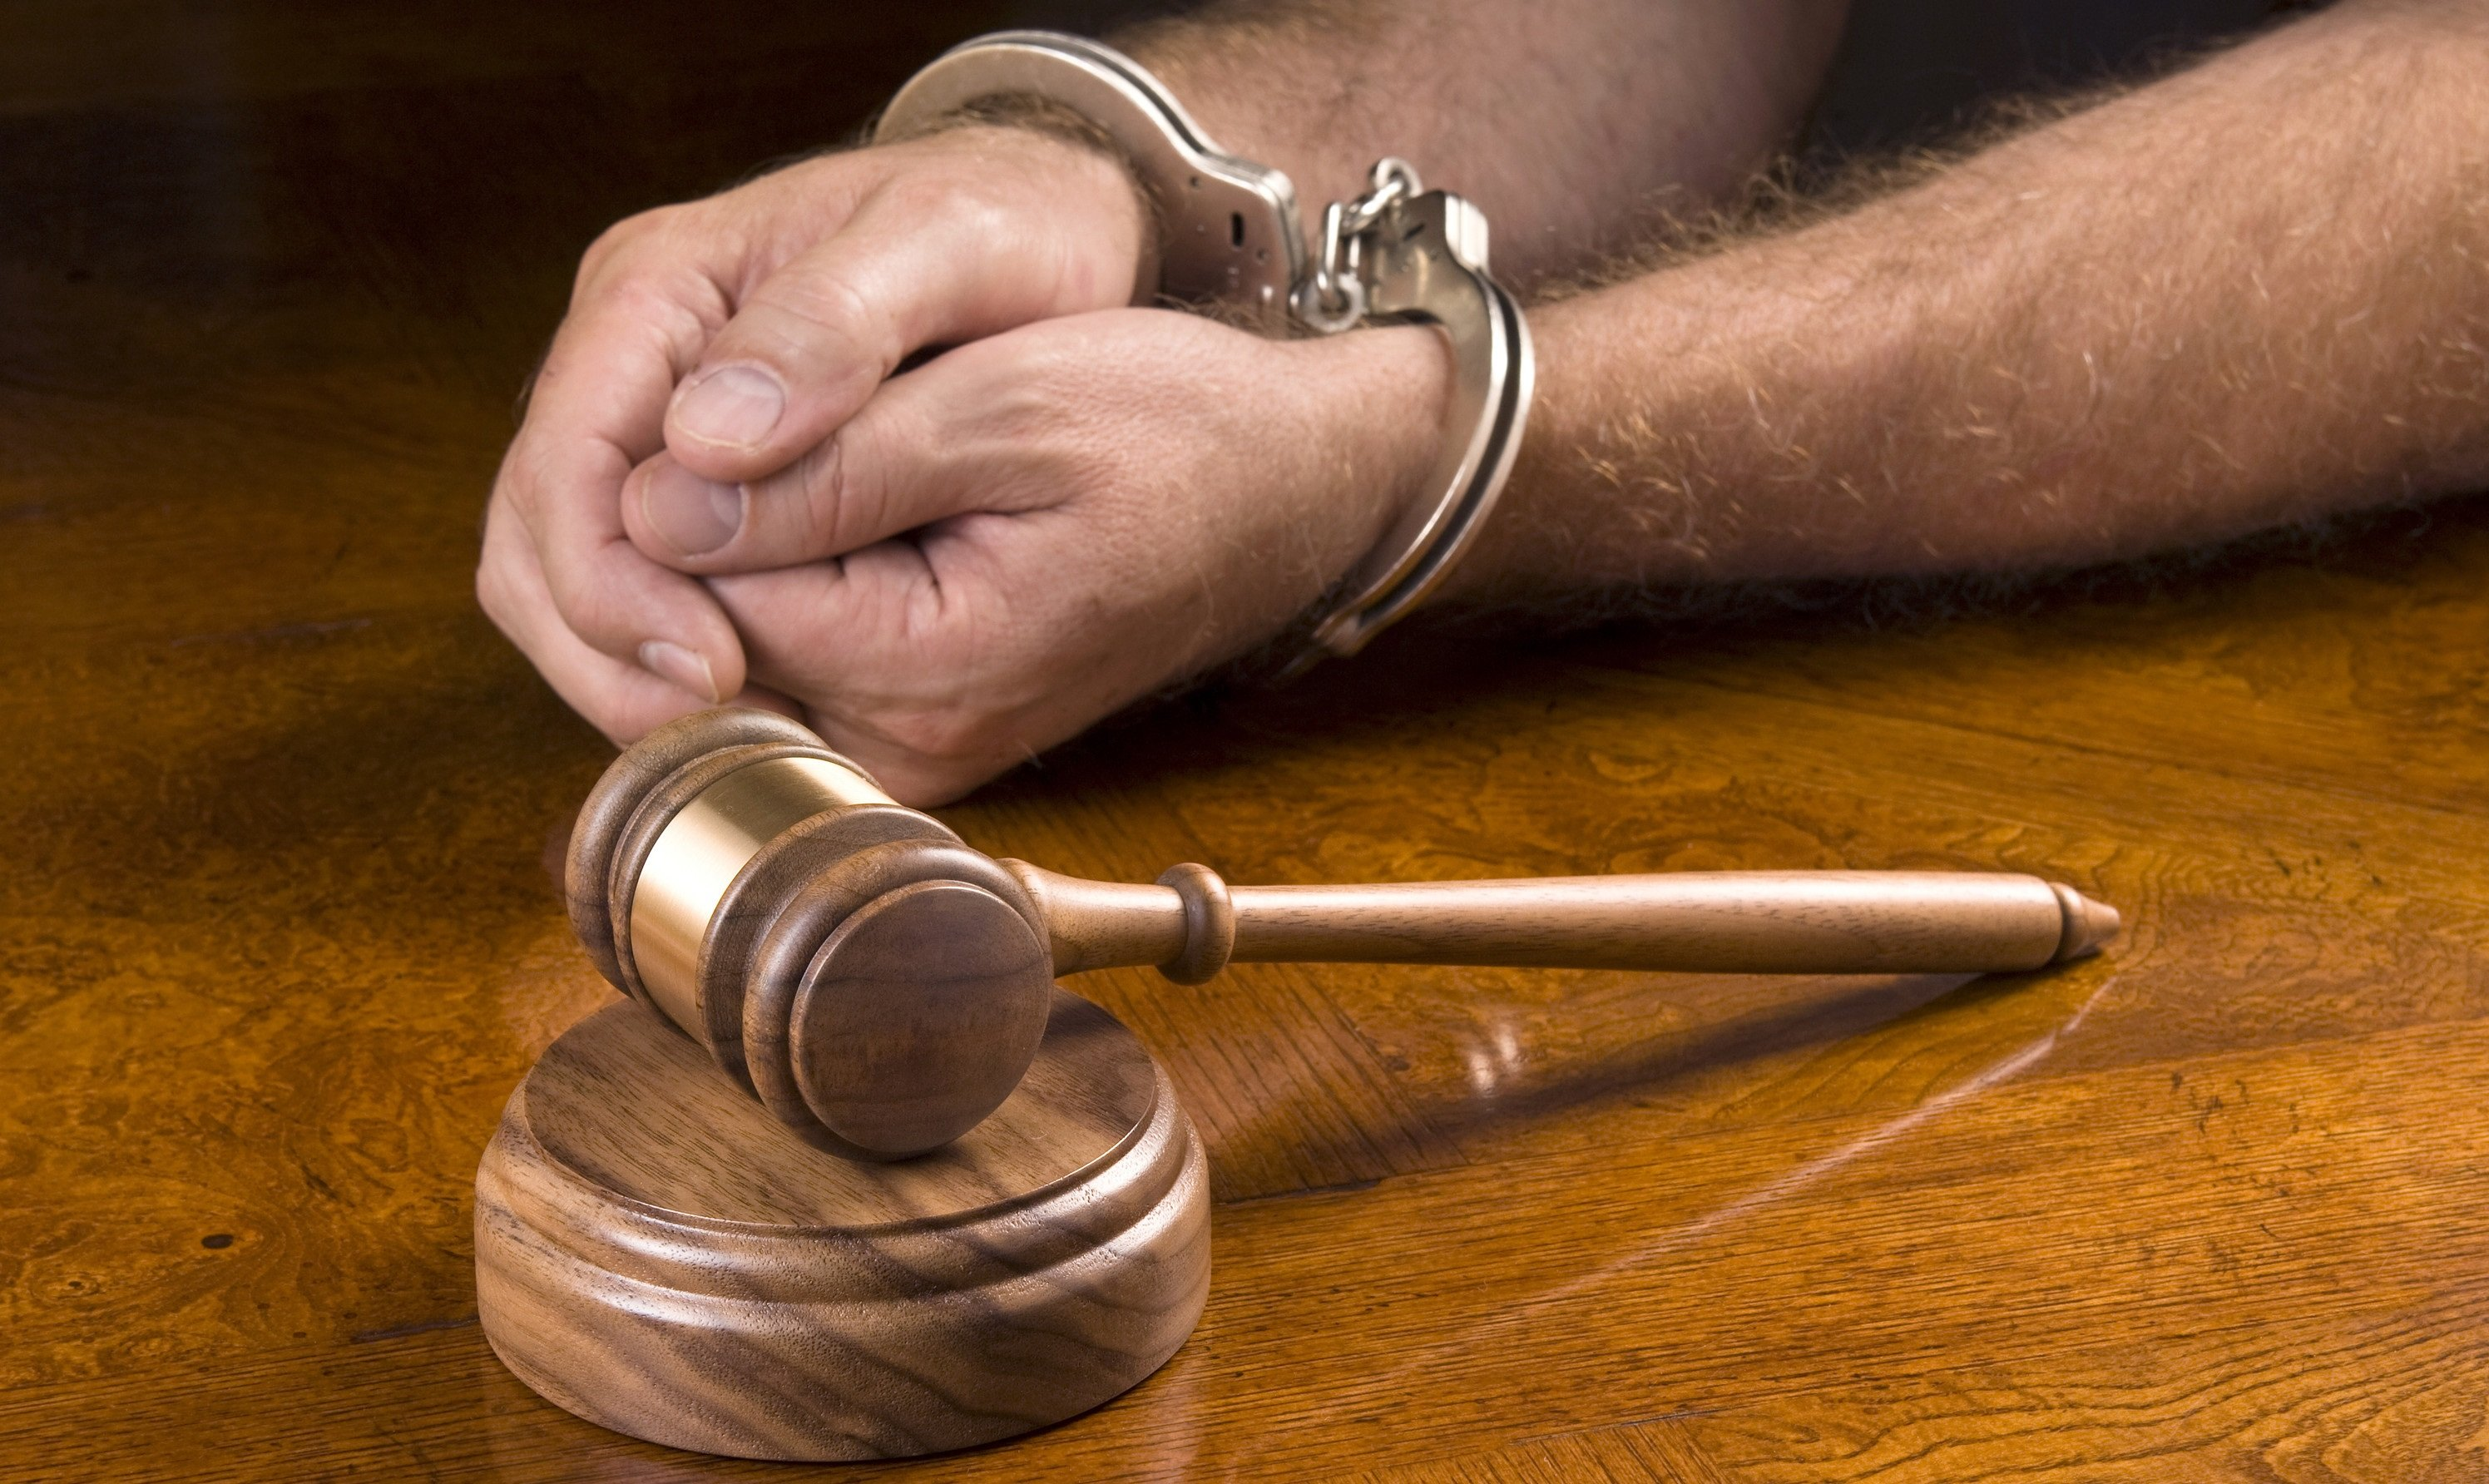 Bate-papo sobre delação premiada e o direito de defesa